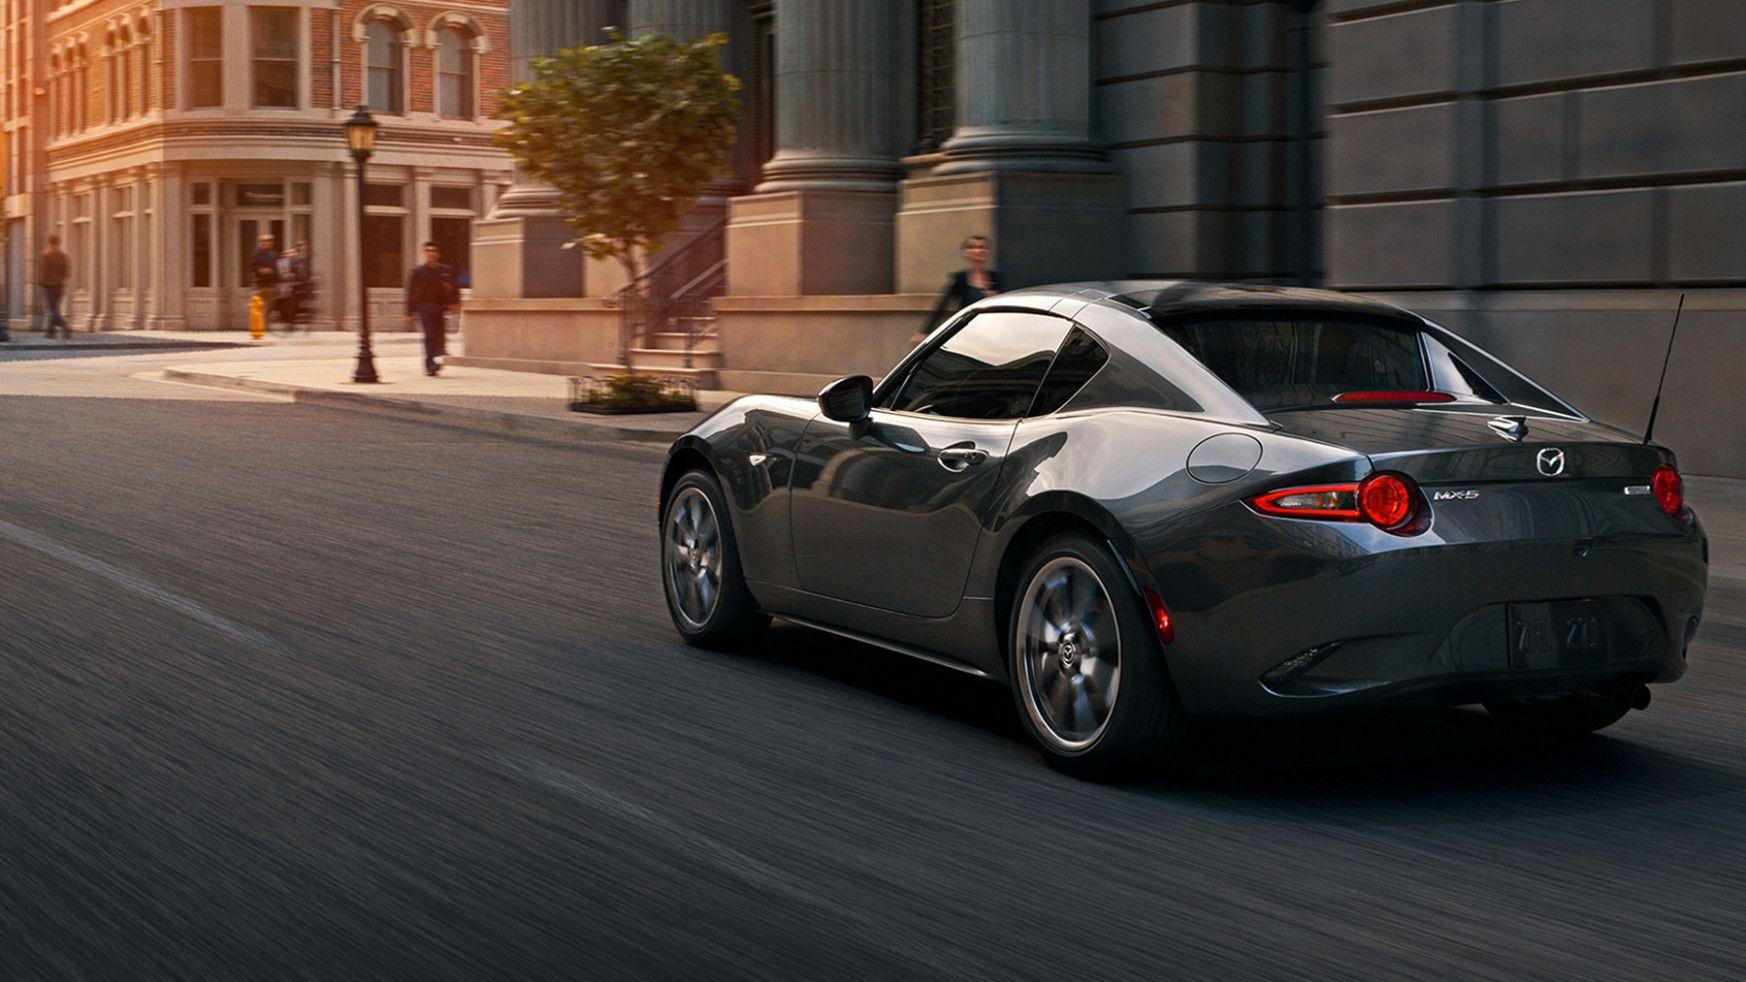 2020 Mazda Miata Hardtop In 2020 Mazda Mx5 Mazda Mx5 Miata Mazda 3 Hatchback